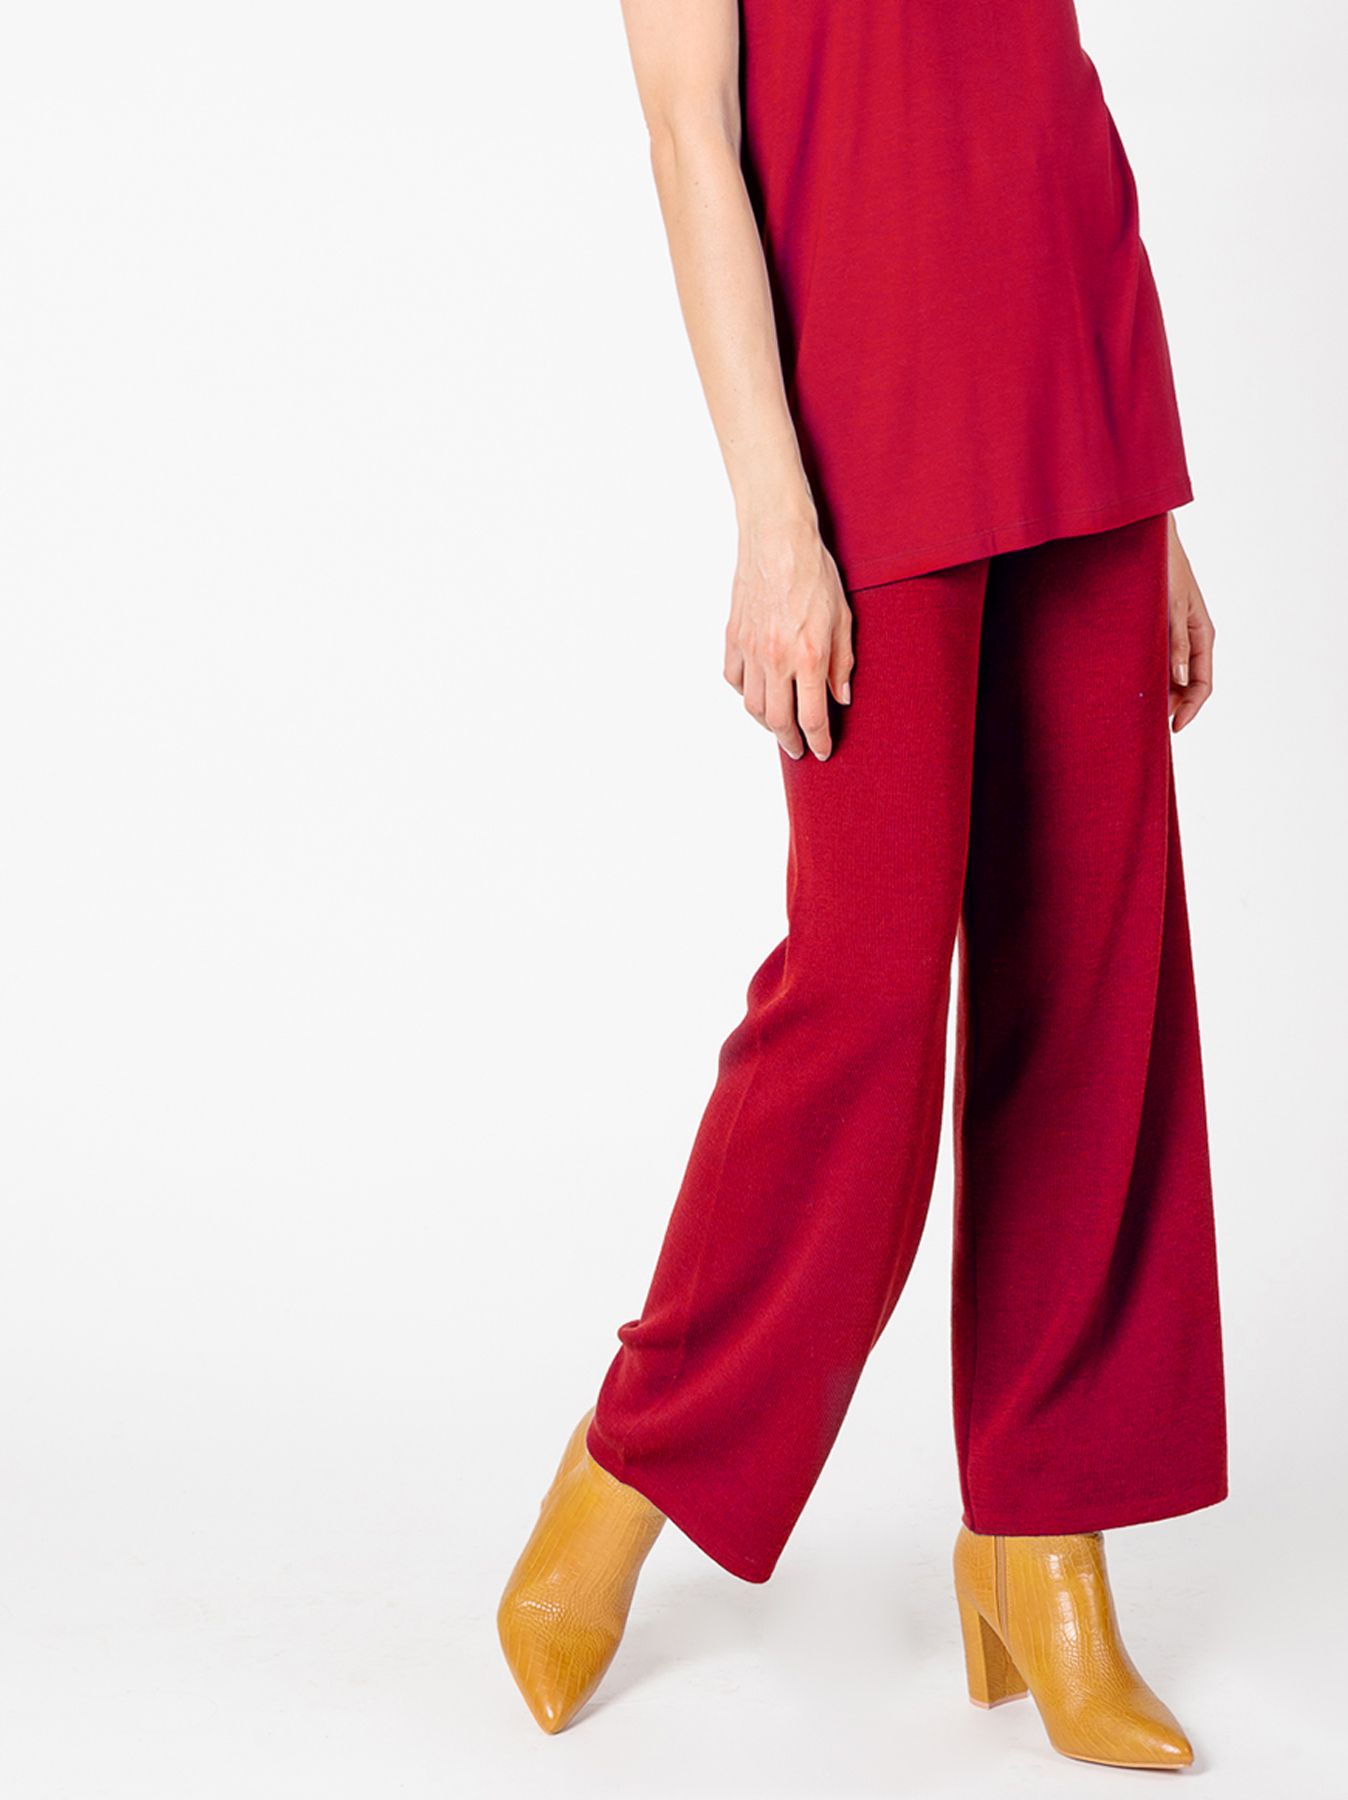 Pantalone elastico ROSSO GRANATA